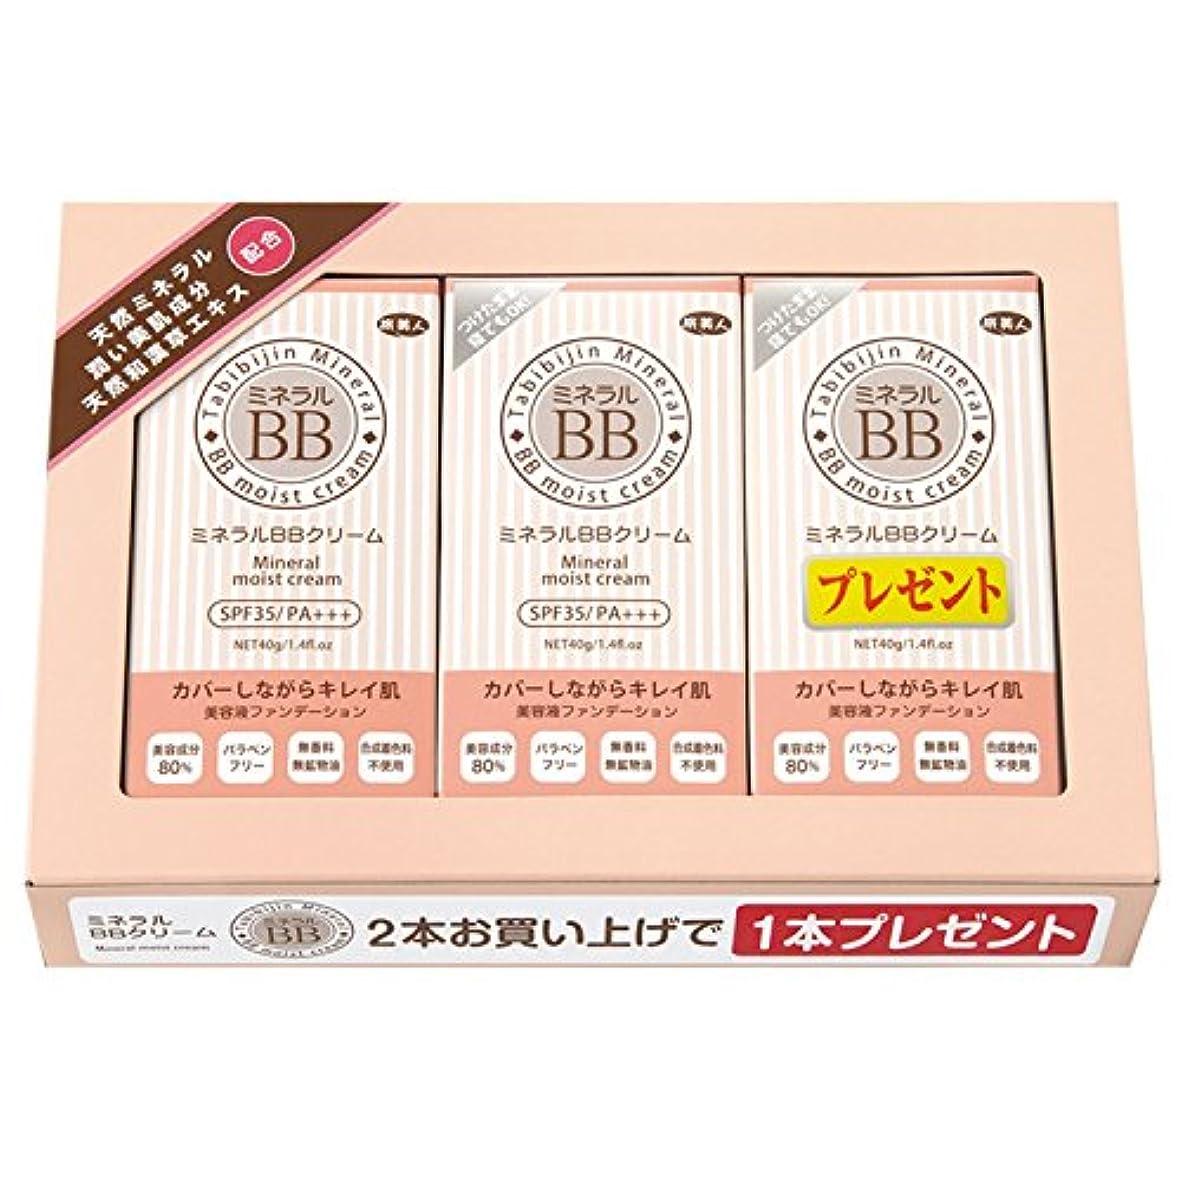 発送どっちでもペンアズマ商事の ミネラルBBクリーム お得な 2本のお値段で3本入りセット